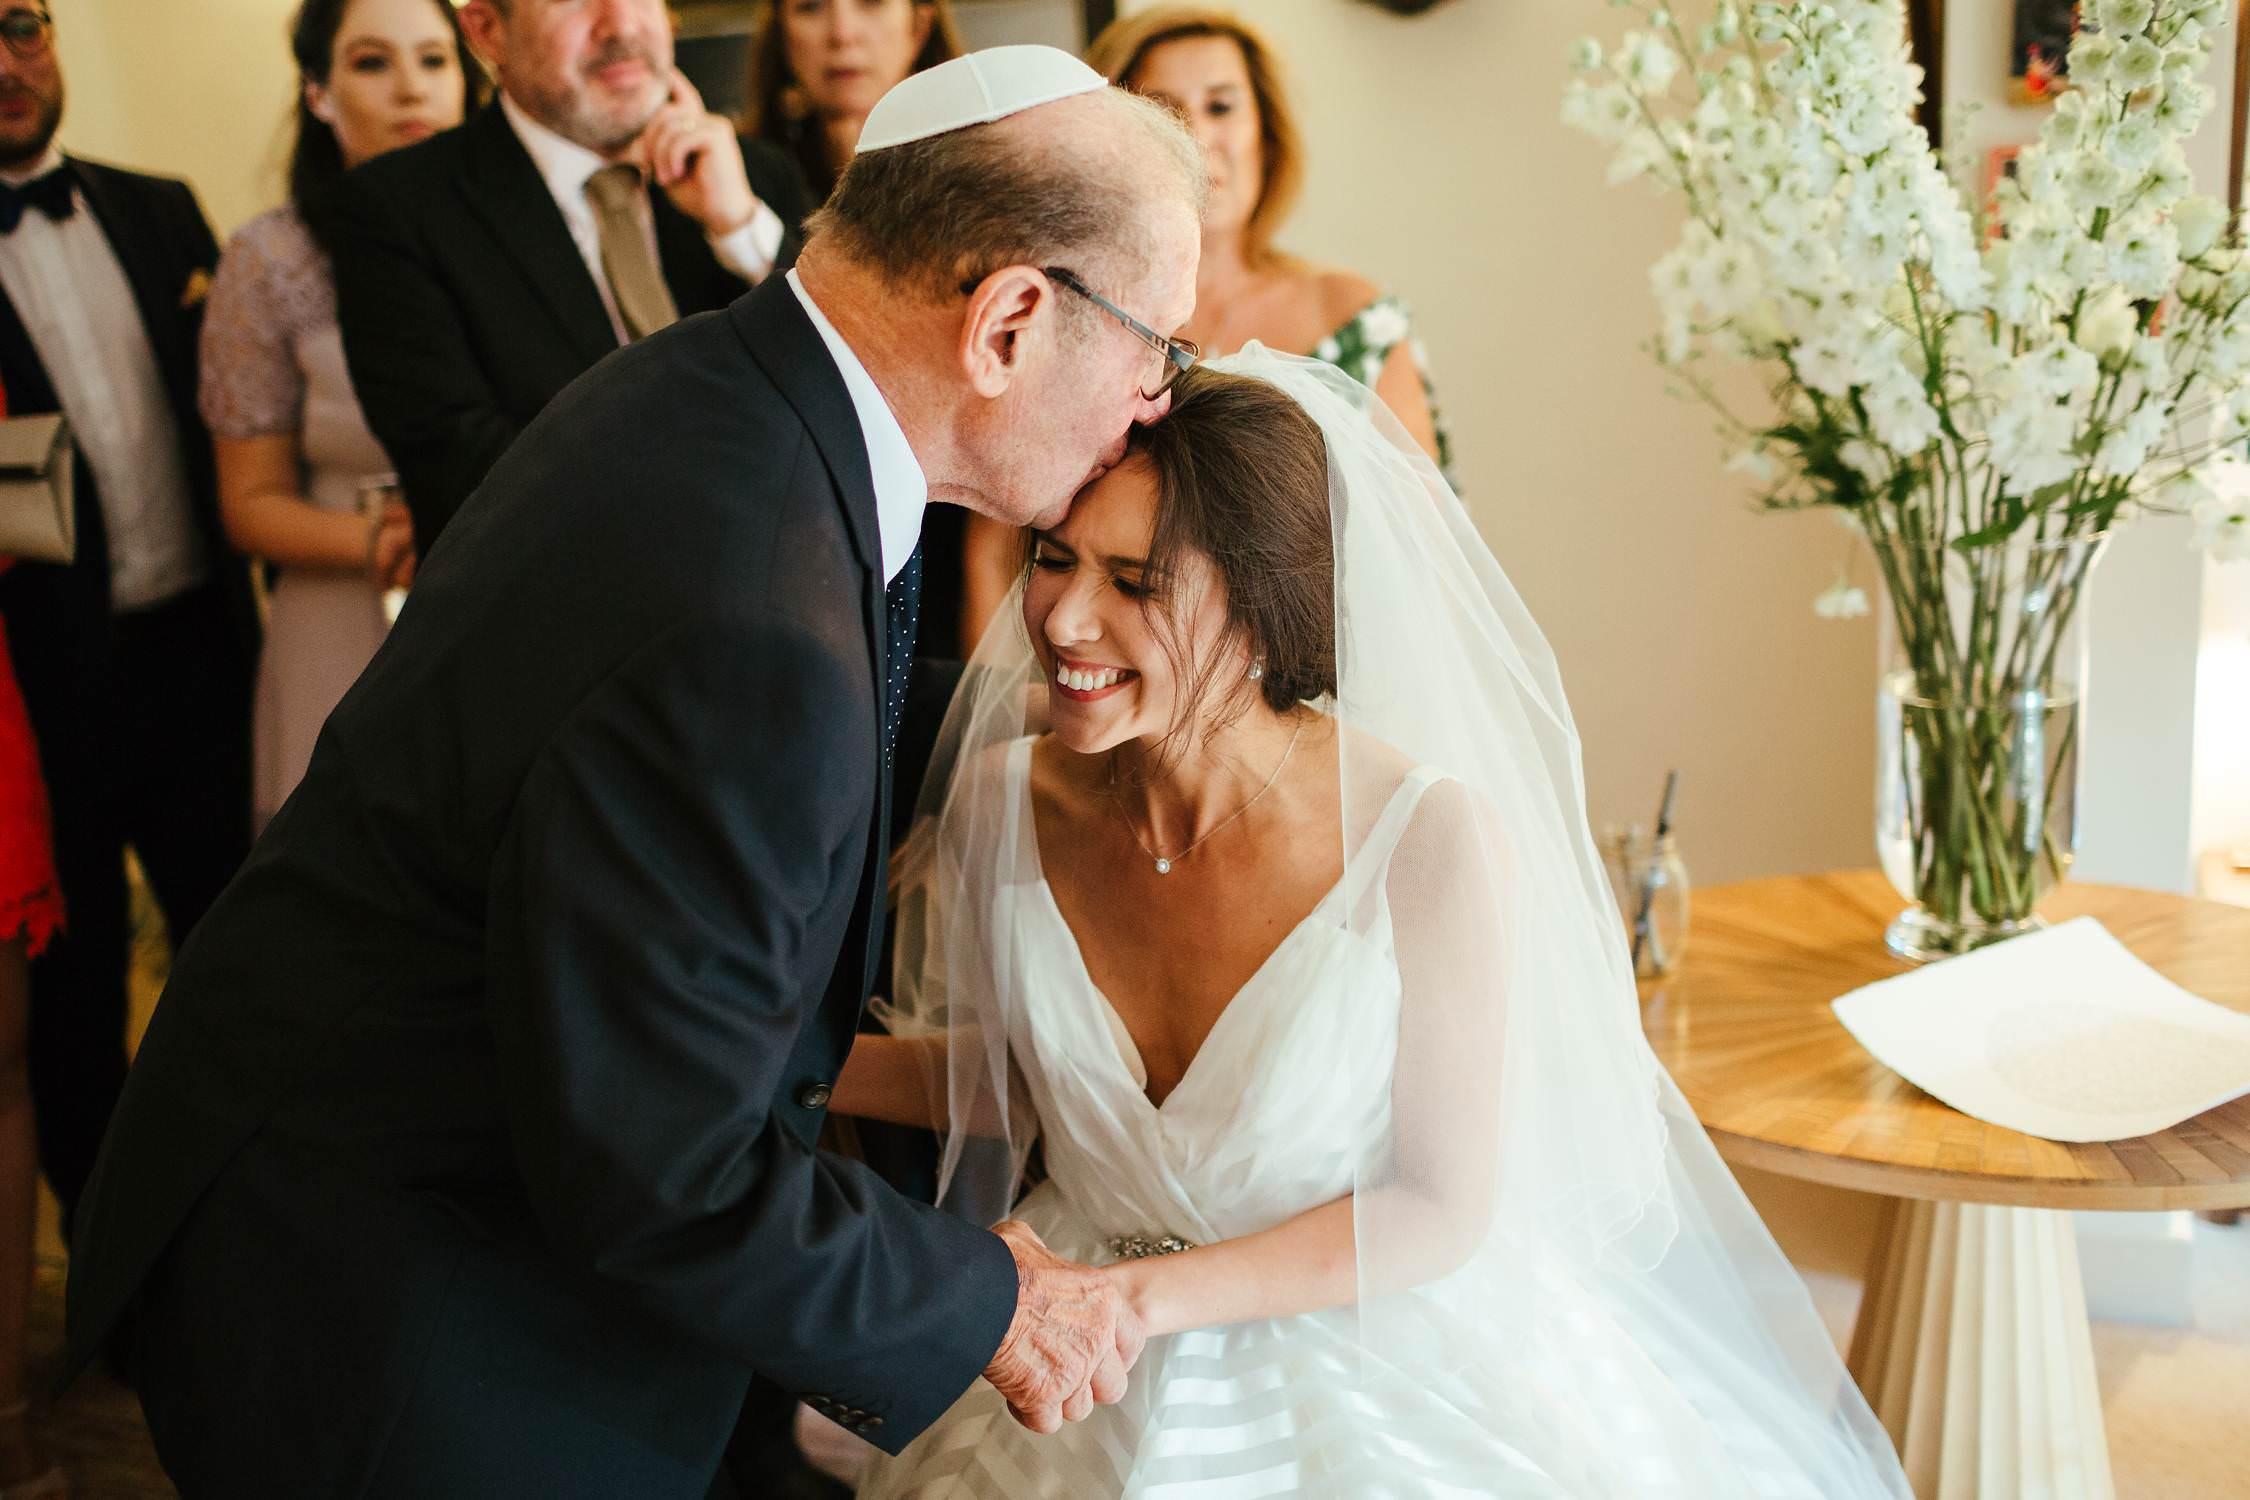 Buckinghamshire-Wedding-Photography-31